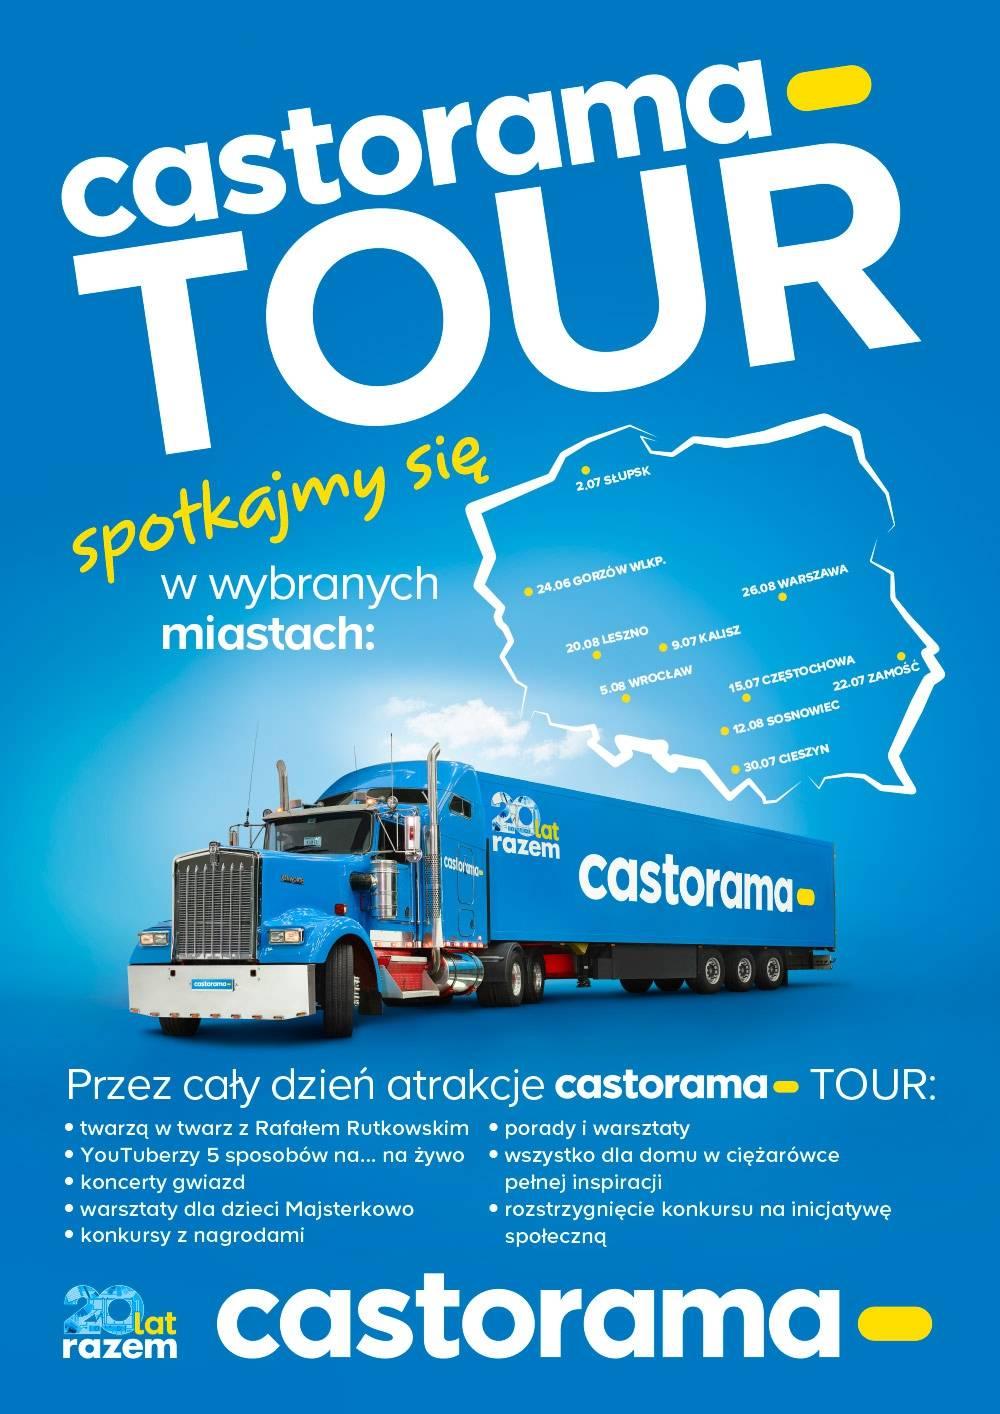 Casto Tour - cykl wakacyjnych imprez z Castoramą